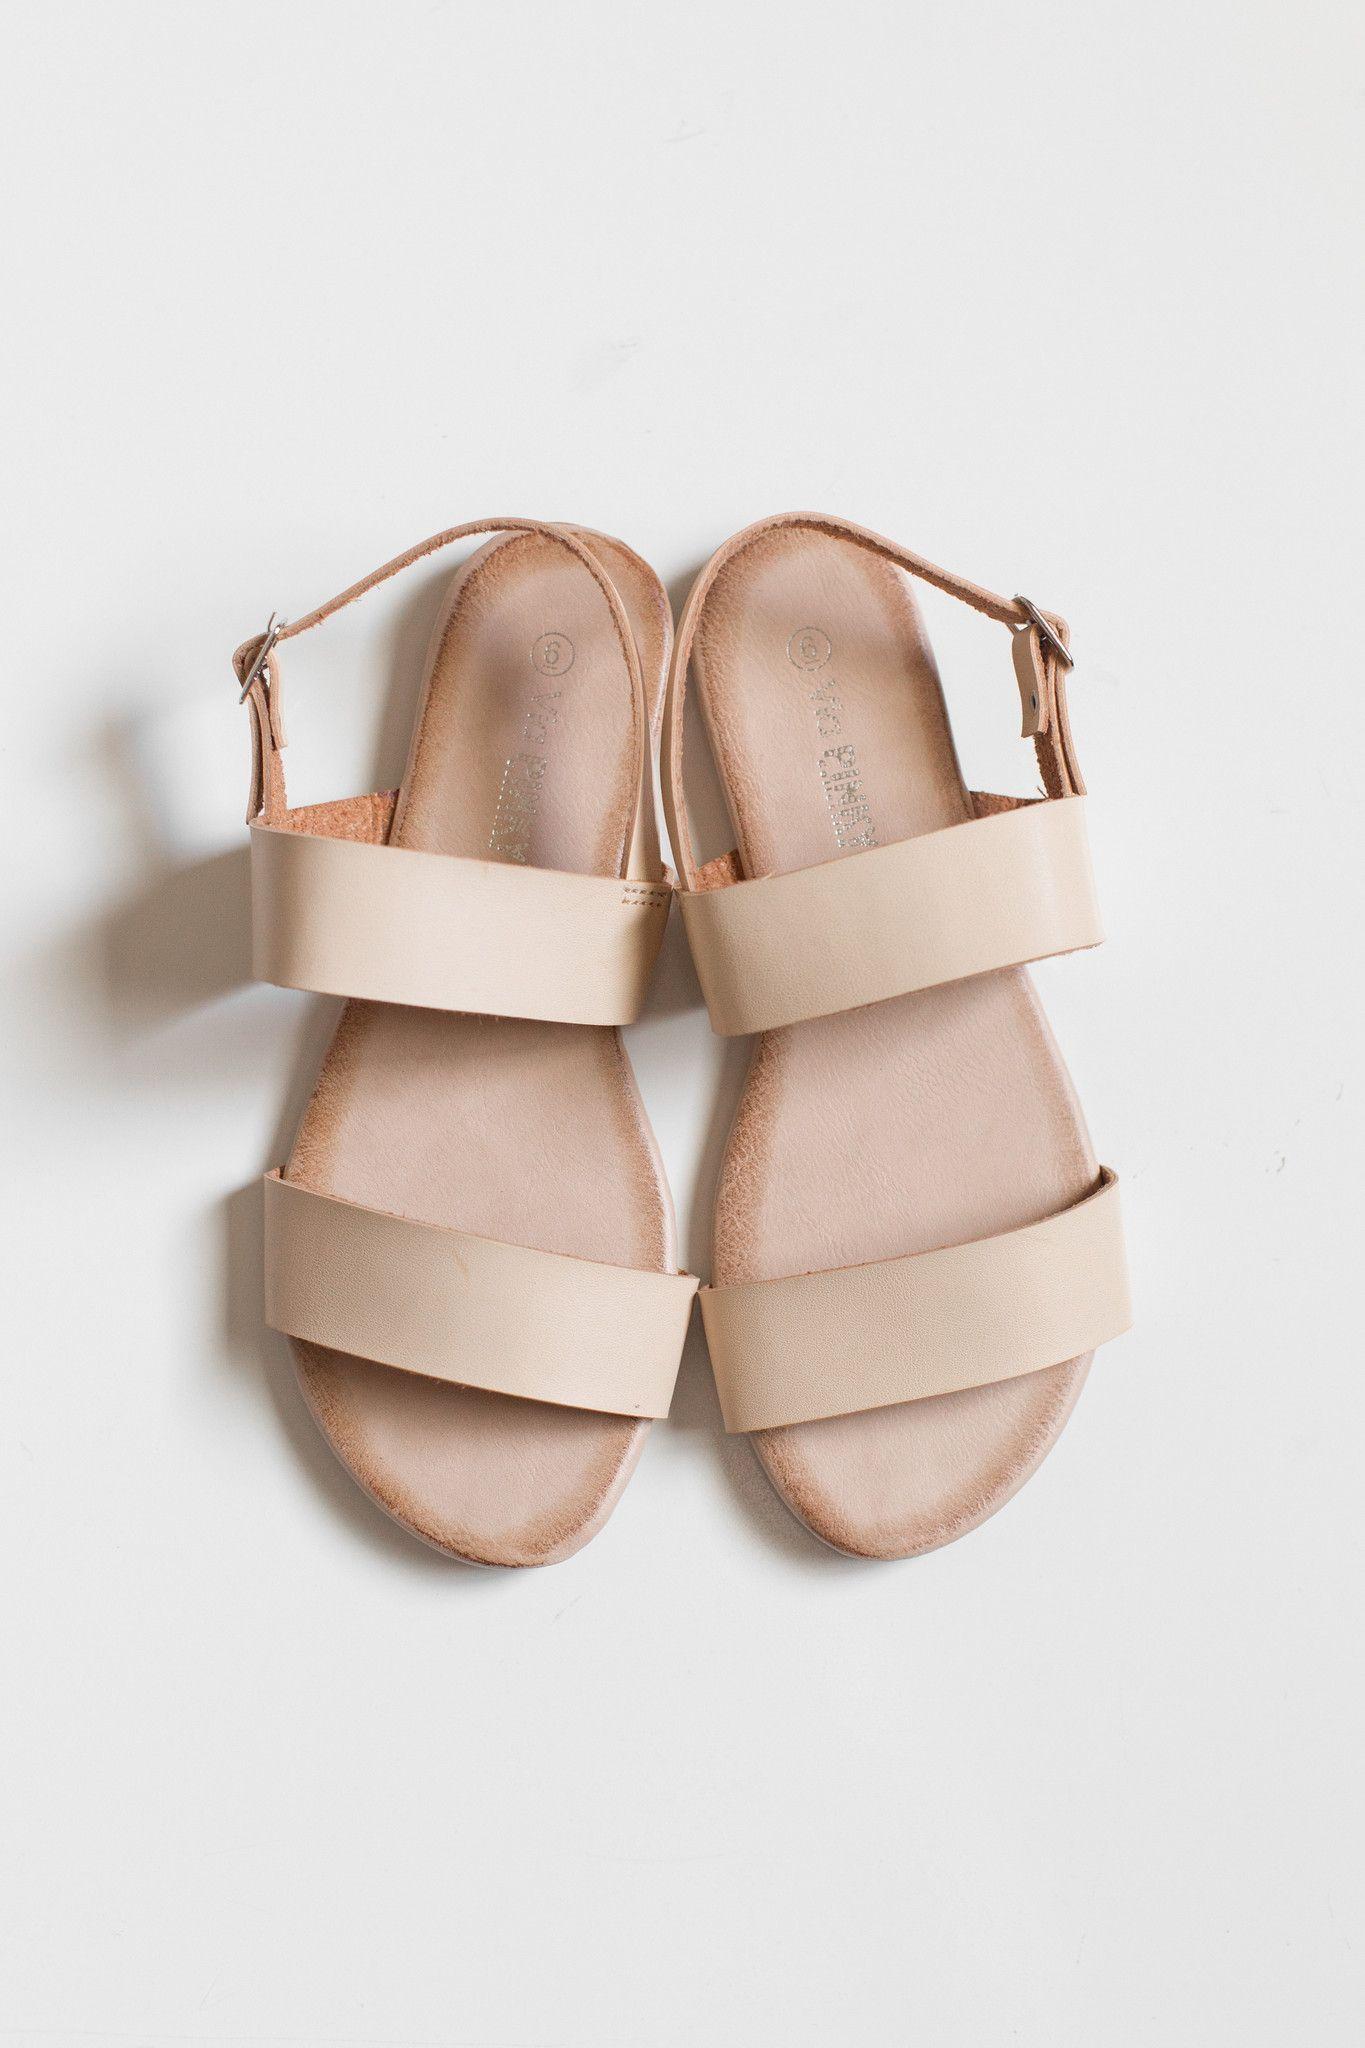 Sandals, Sock Shoes, Sandals Heels